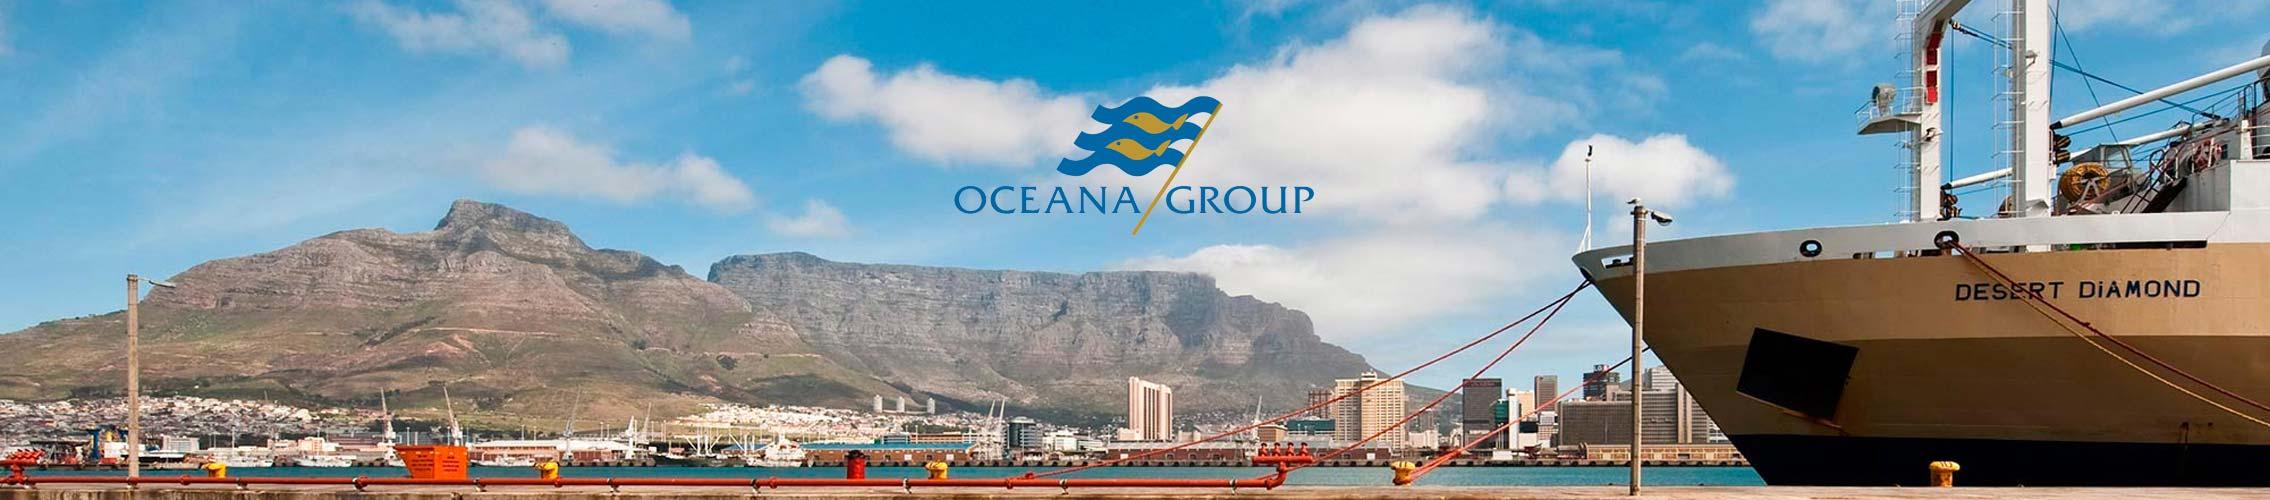 Oceana banner 3